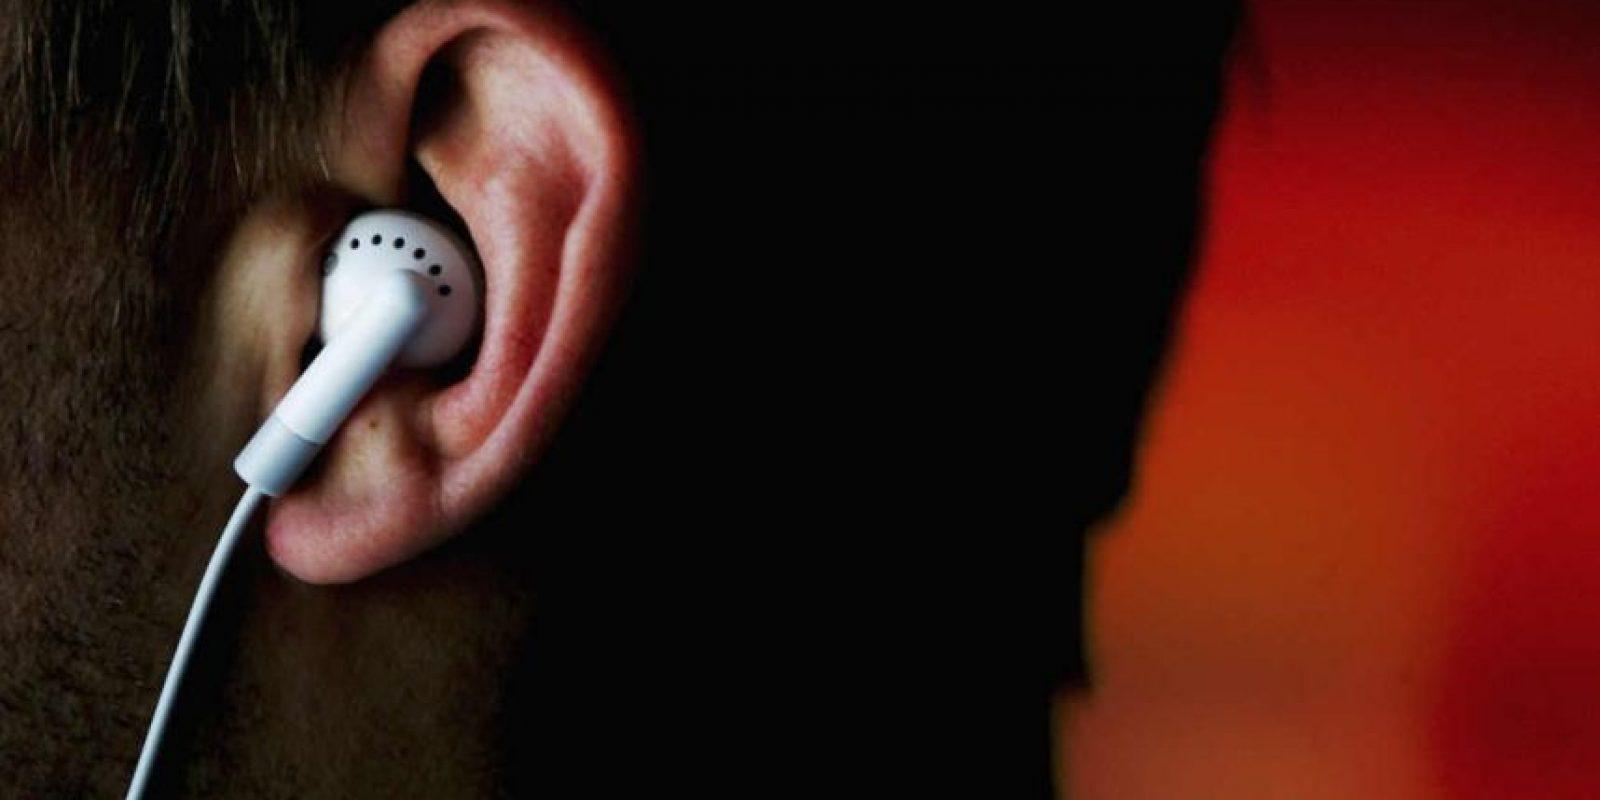 Si acostumbran a usar audífonos muy seguido y escuchar música con volumen muy alto, pueden sufrir daños auditivos. Foto:Getty Images